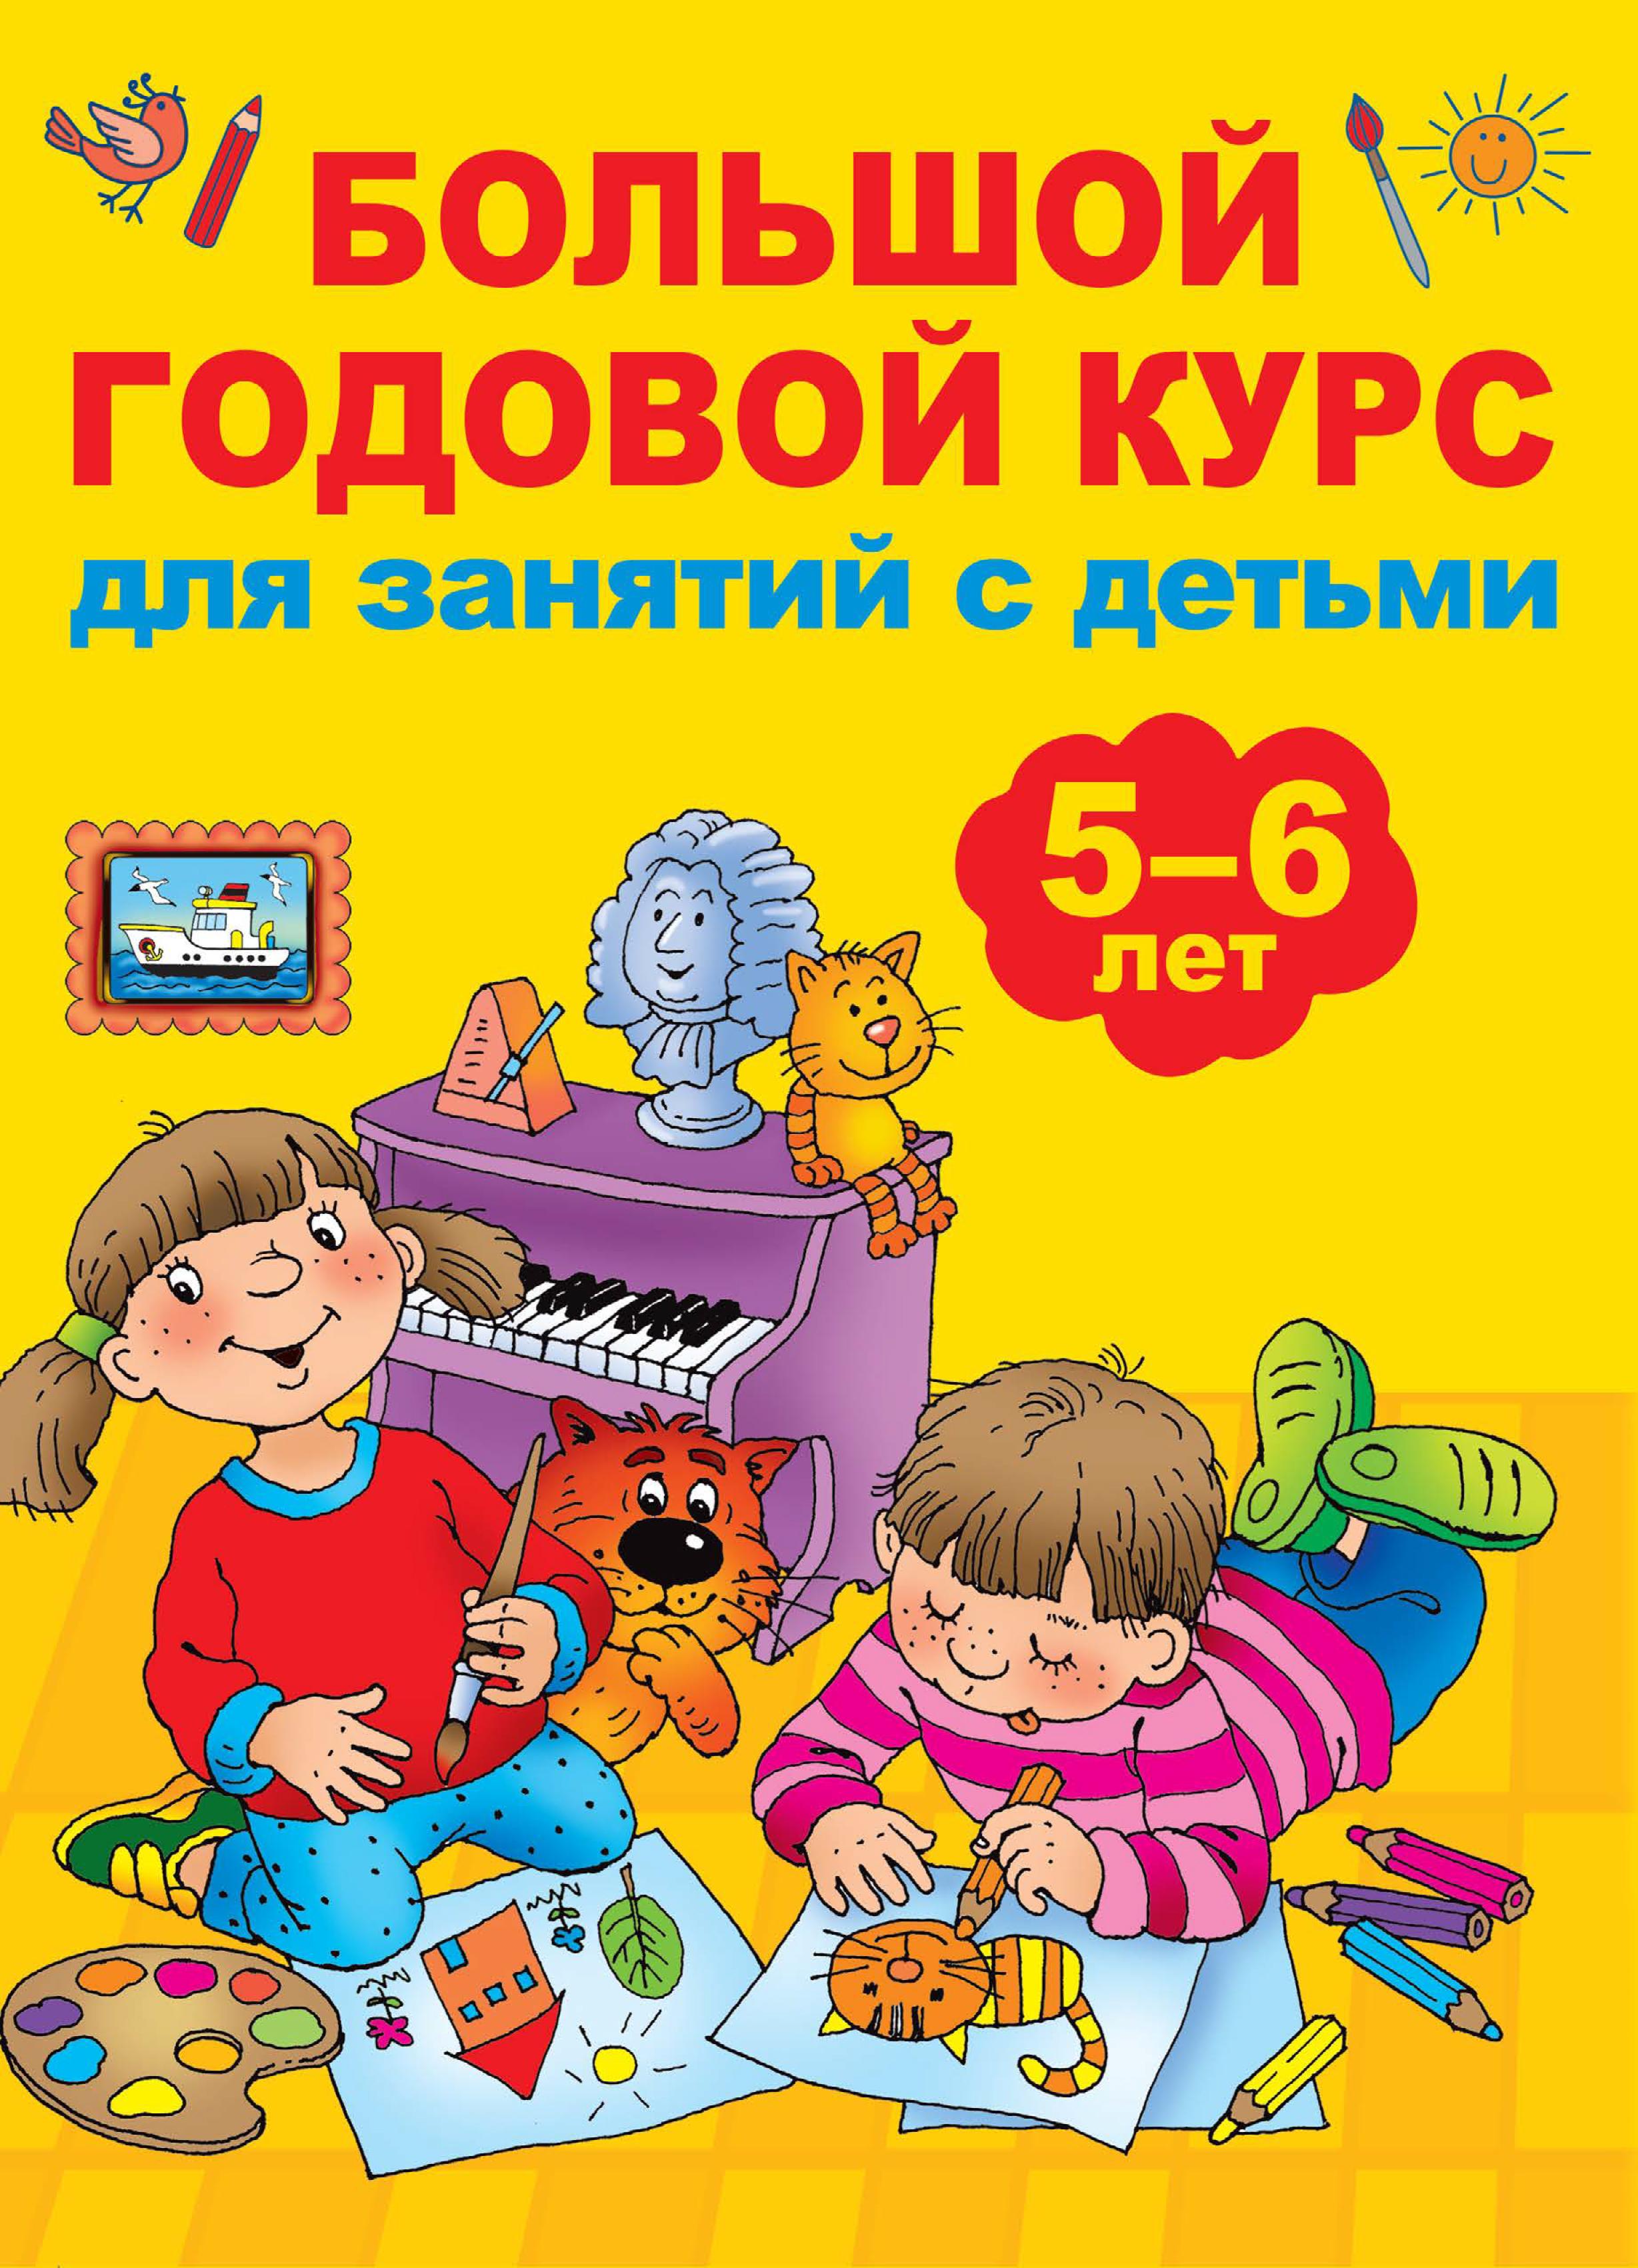 В. Г. Дмитриева Большой годовой курс для занятий с детьми 5-6 лет шсг 5 6 лет полный годовой курс для занятий с детьми